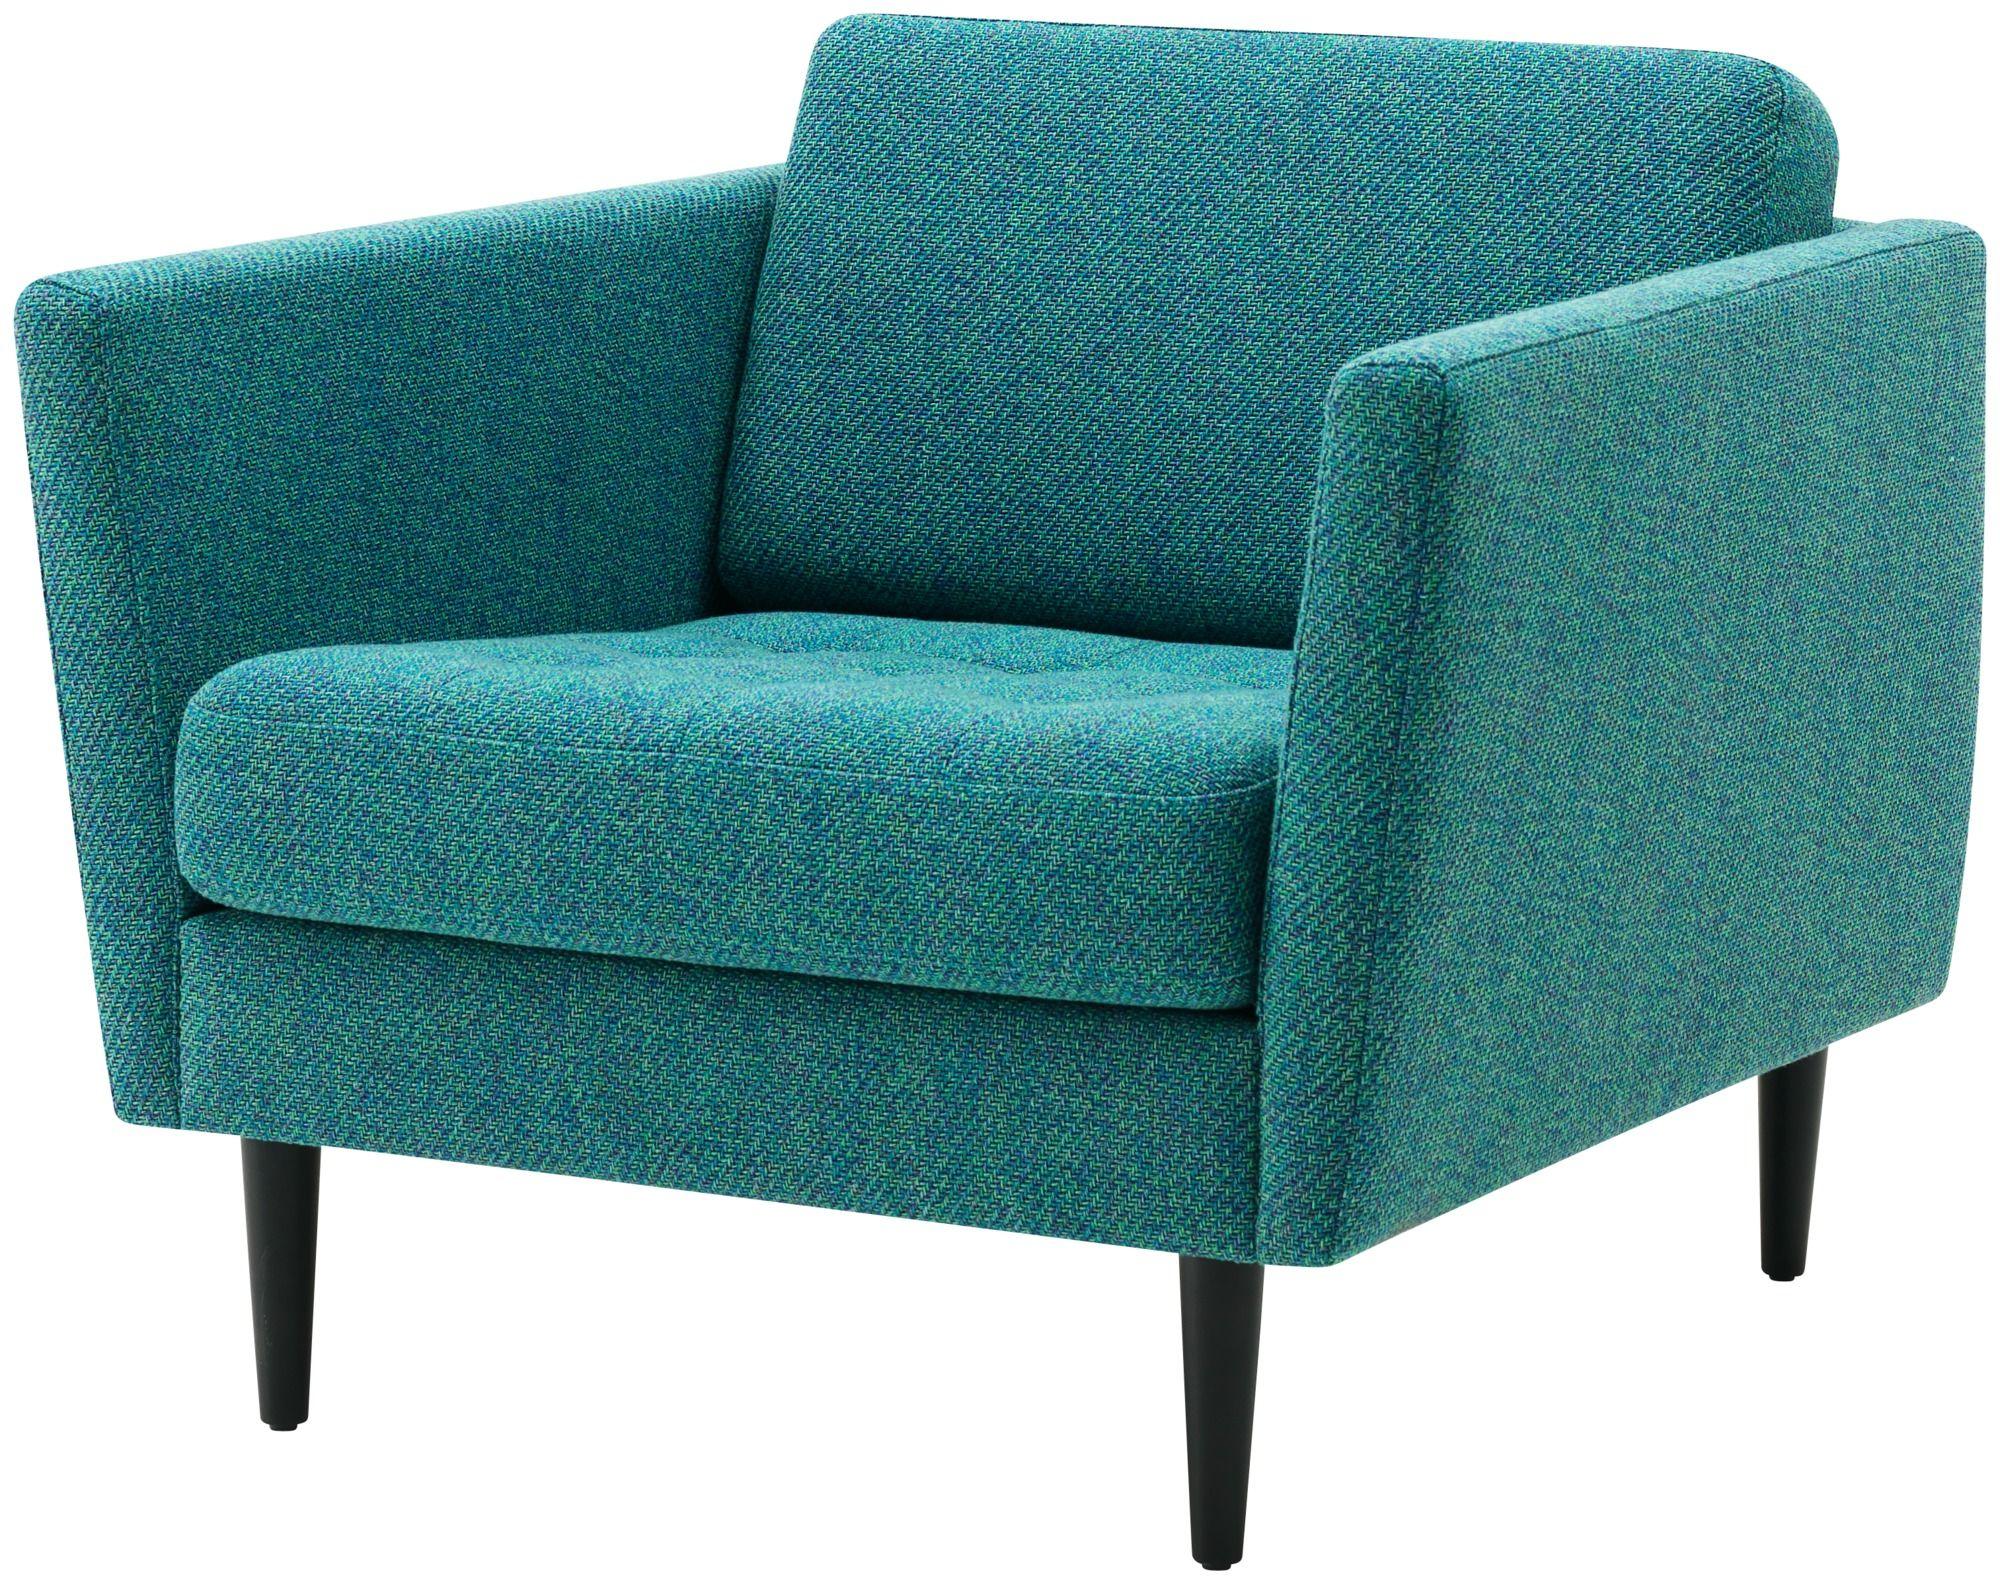 affordable boconcept meubles pour votre salon with boconcept meubles. Black Bedroom Furniture Sets. Home Design Ideas